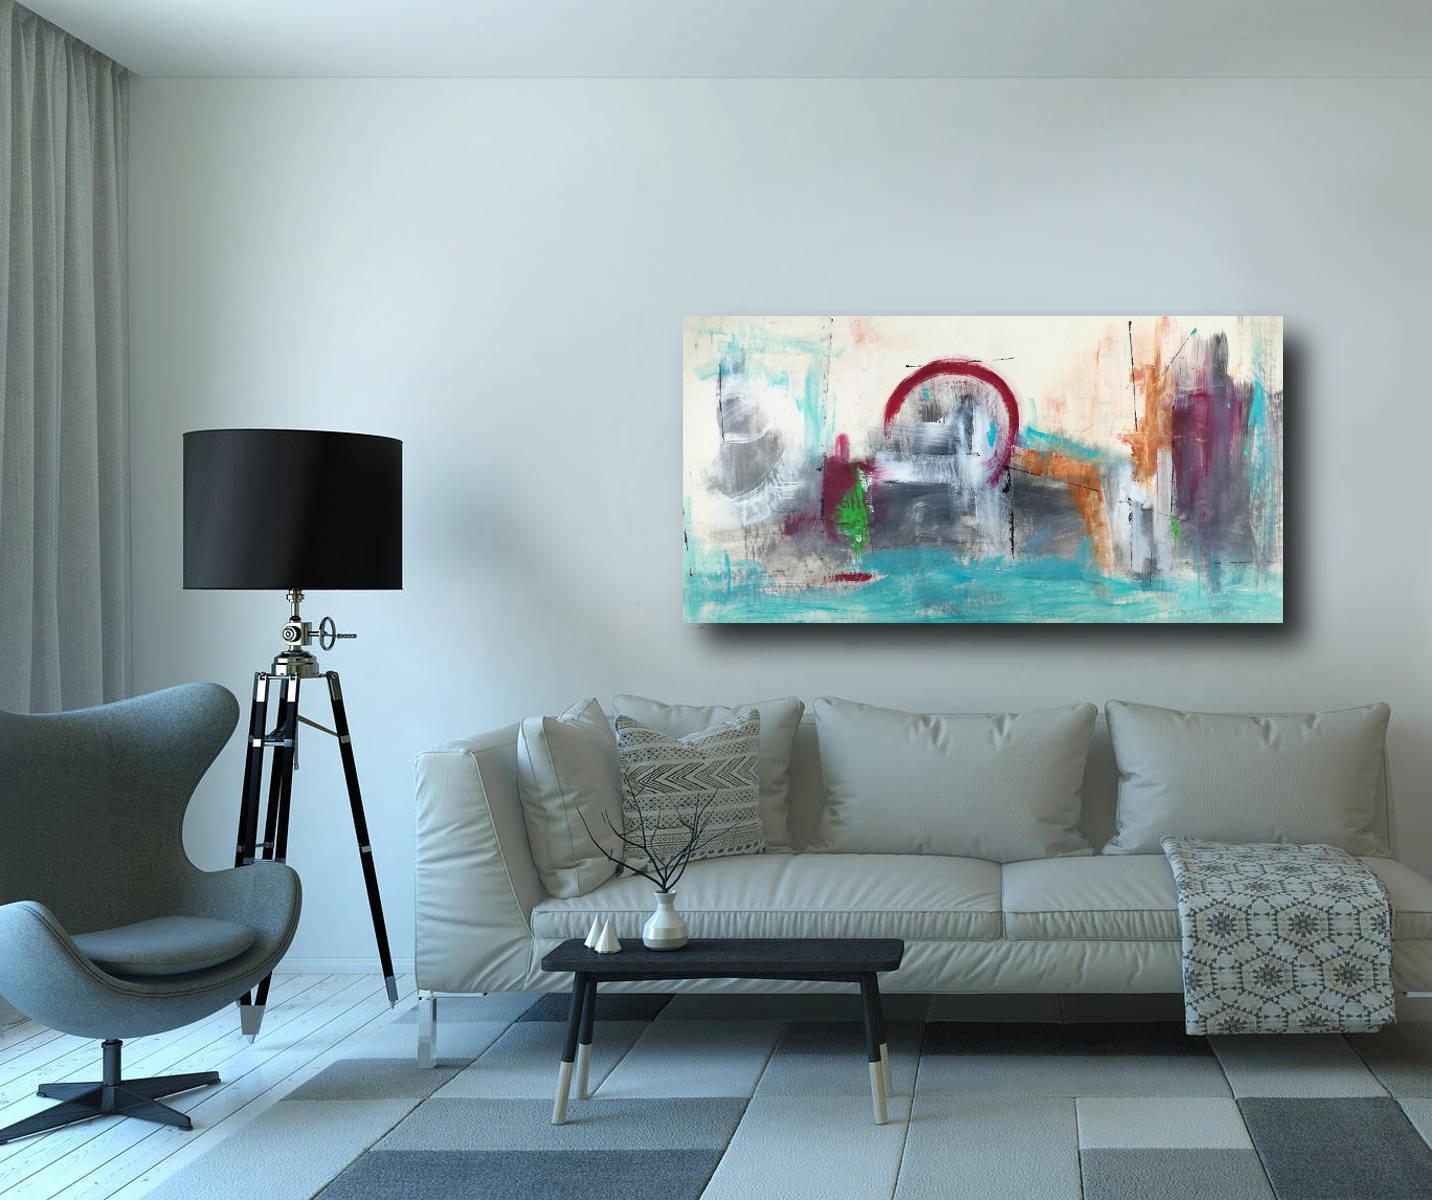 quadri astratti per soggiorno moderno 120x60 | sauro bos